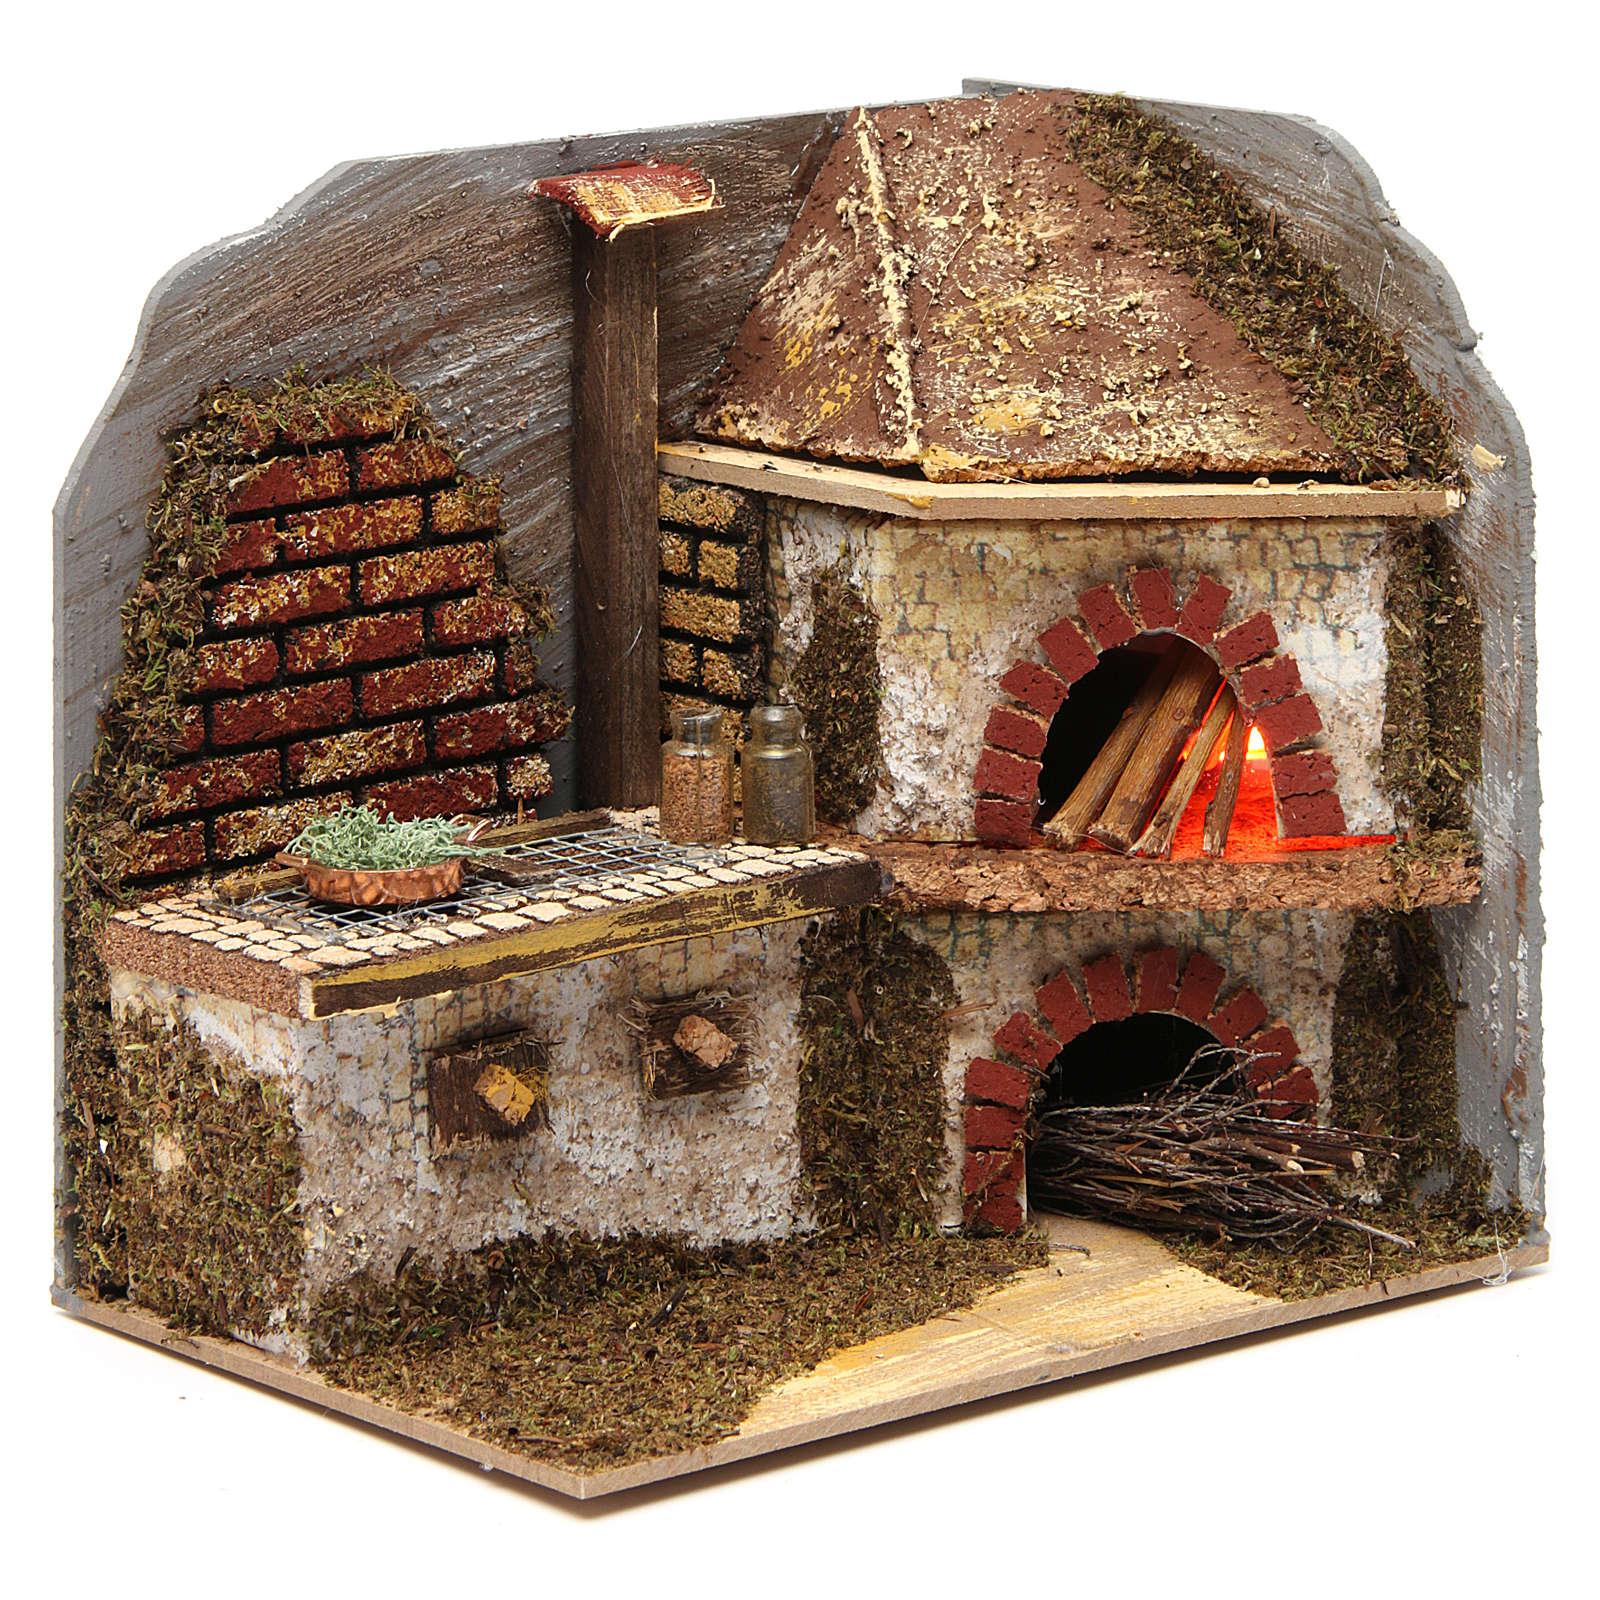 Cucina con forno a legna per presepe 20x20x15 cm